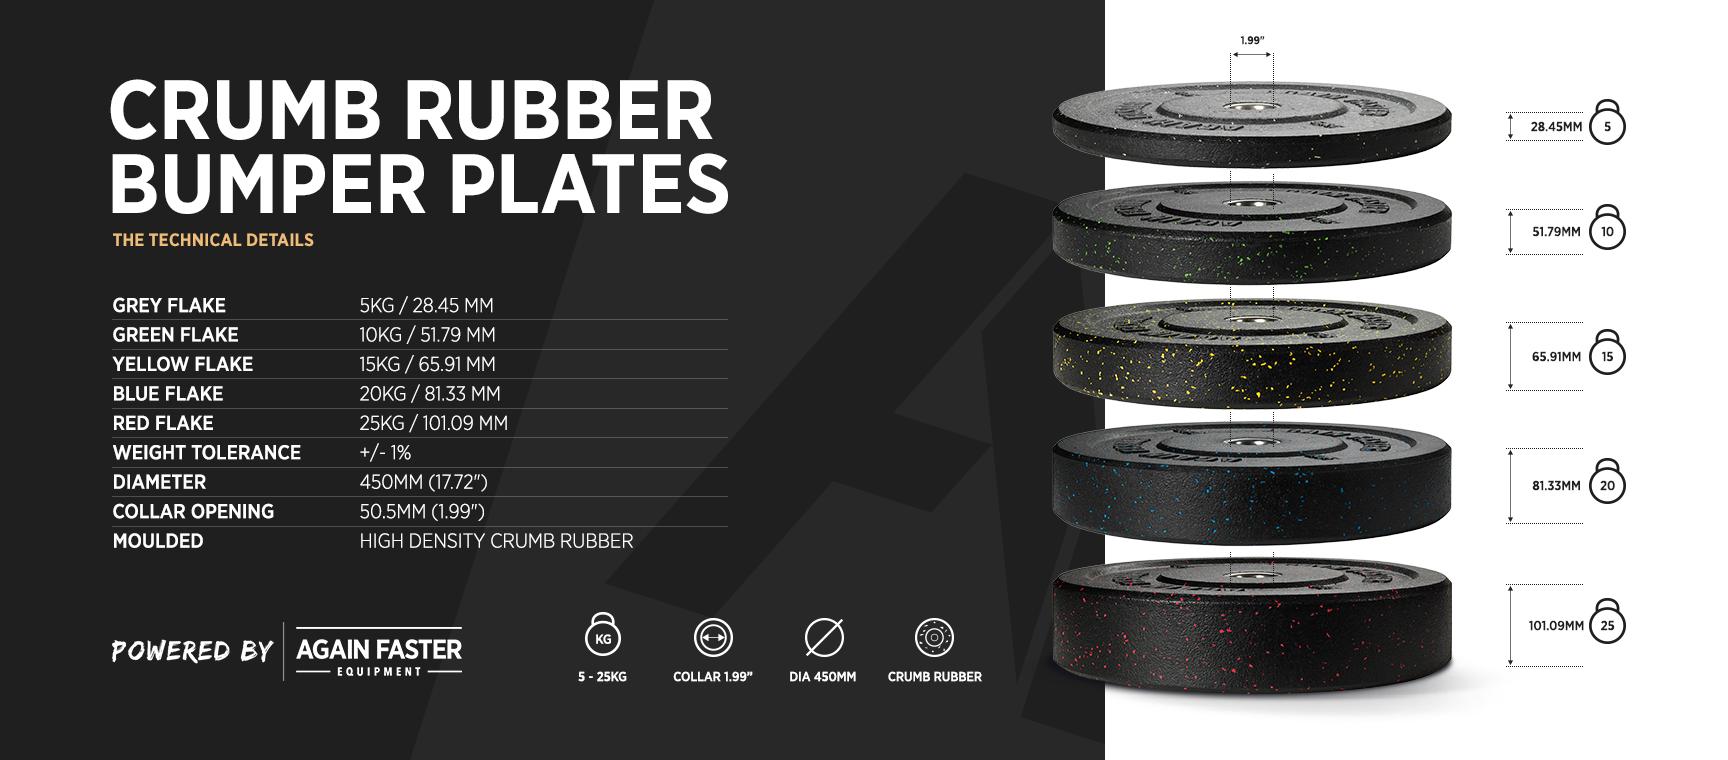 Crumb Bumper Plate Details